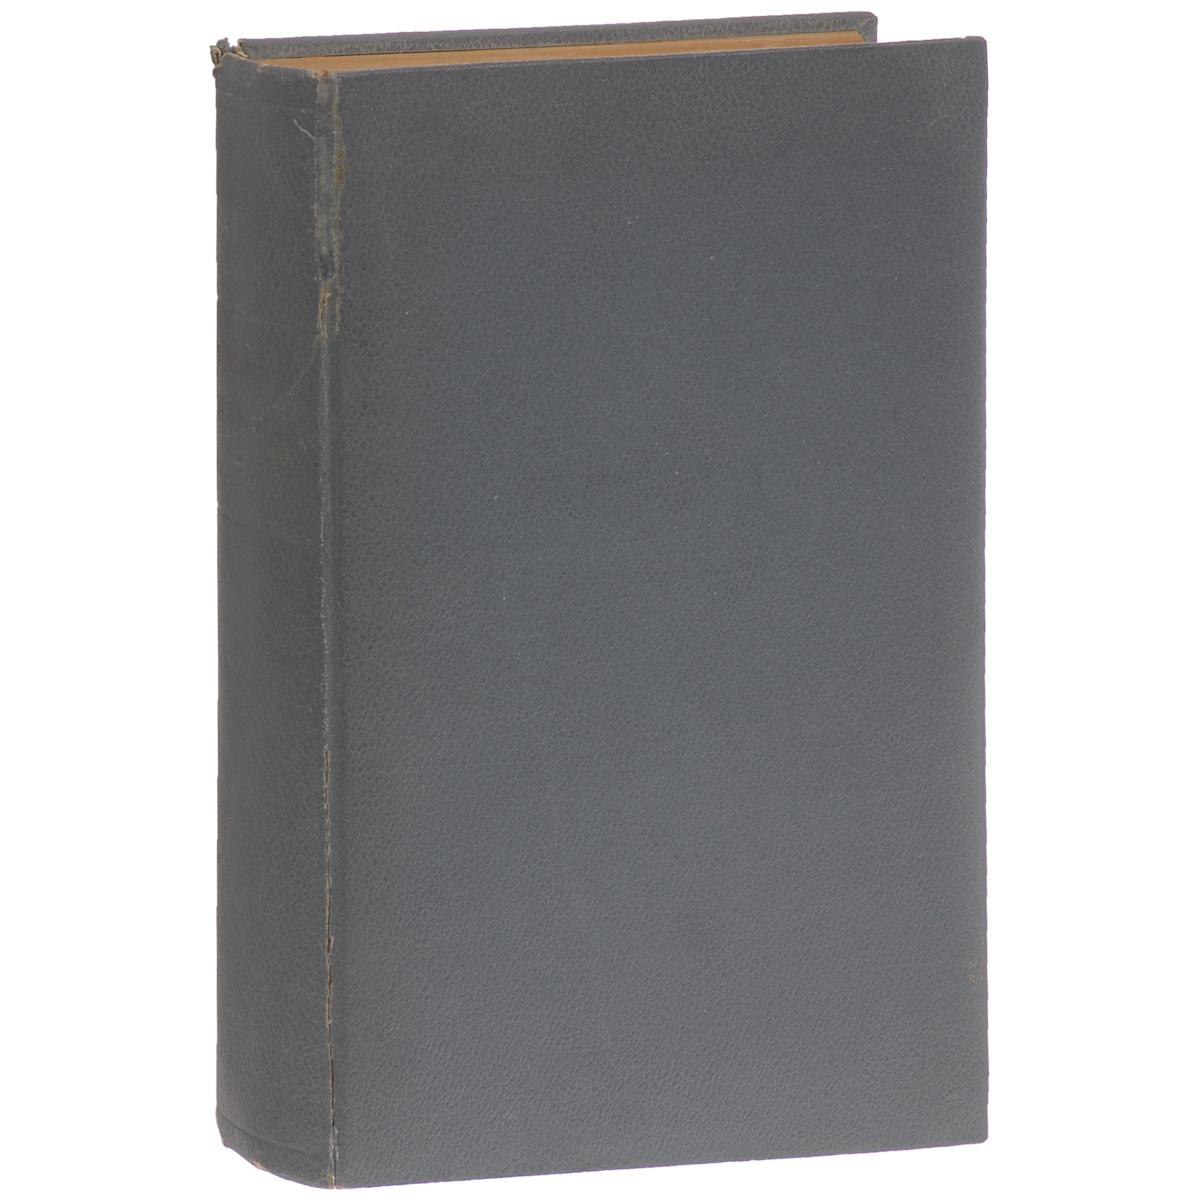 Handbuch der Klassischen Altertums-Wissenschaft in systematischer Darstellung: Einleitende und Hilfsdisziplinen